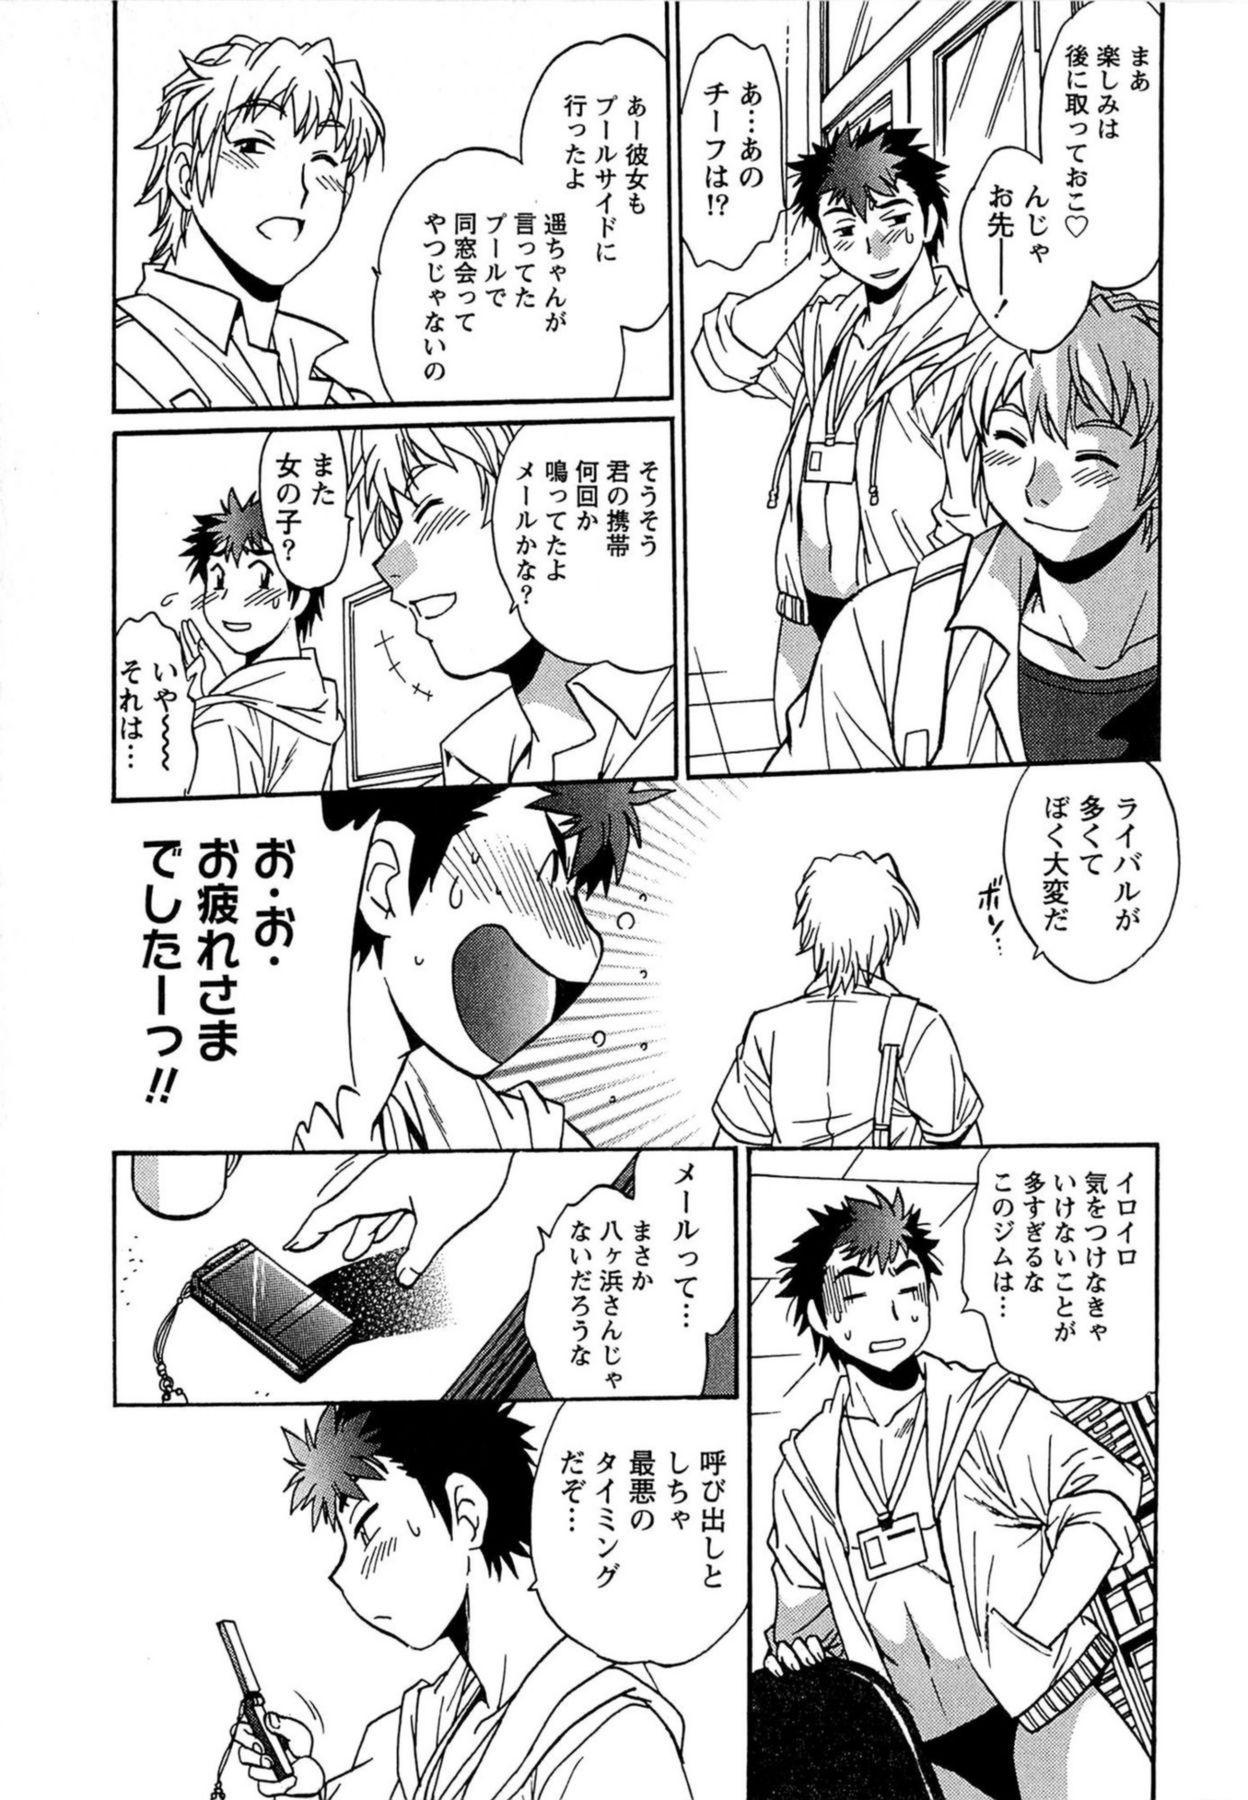 Kuikomi wo Naoshiteru Hima wa Nai! Vol. 1 203